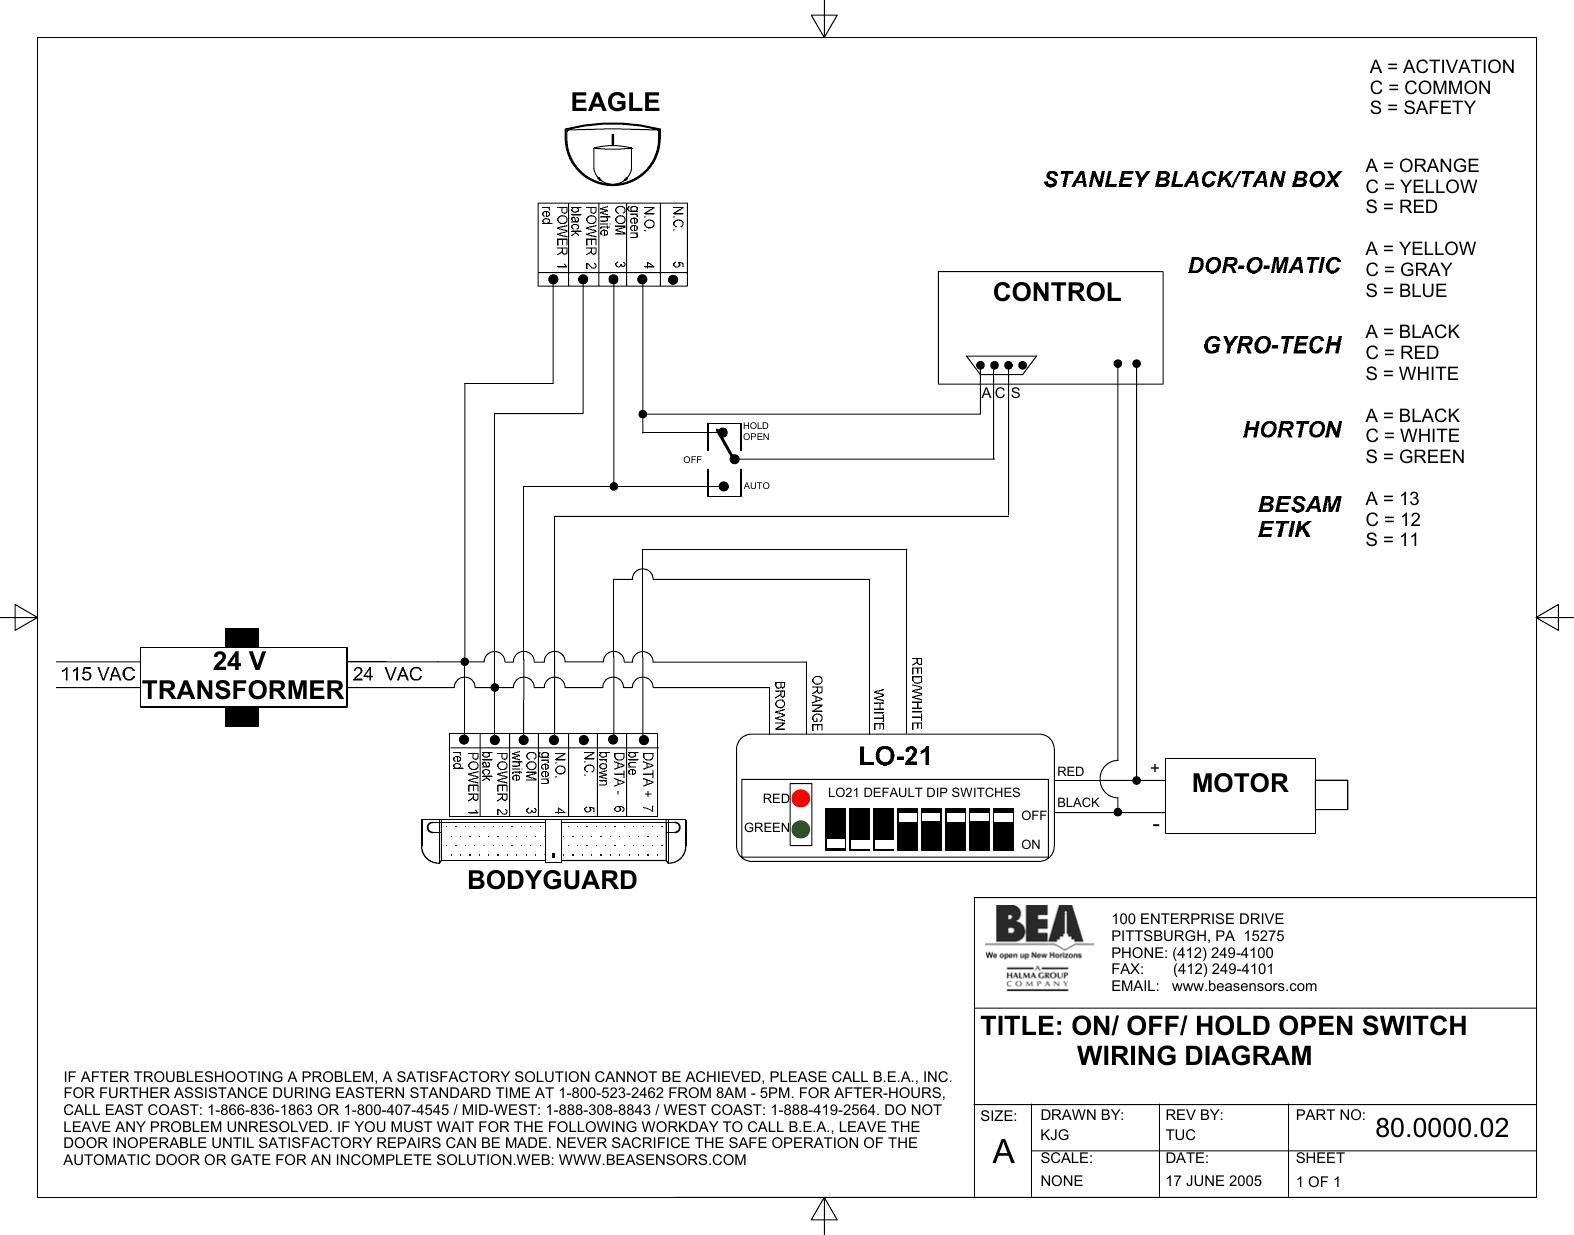 Bea Bodyguard 80 0000 02 Users Manual 80.0000.02_081805.TCW | Bea Maglock Wiring Diagram |  | UserManual.wiki